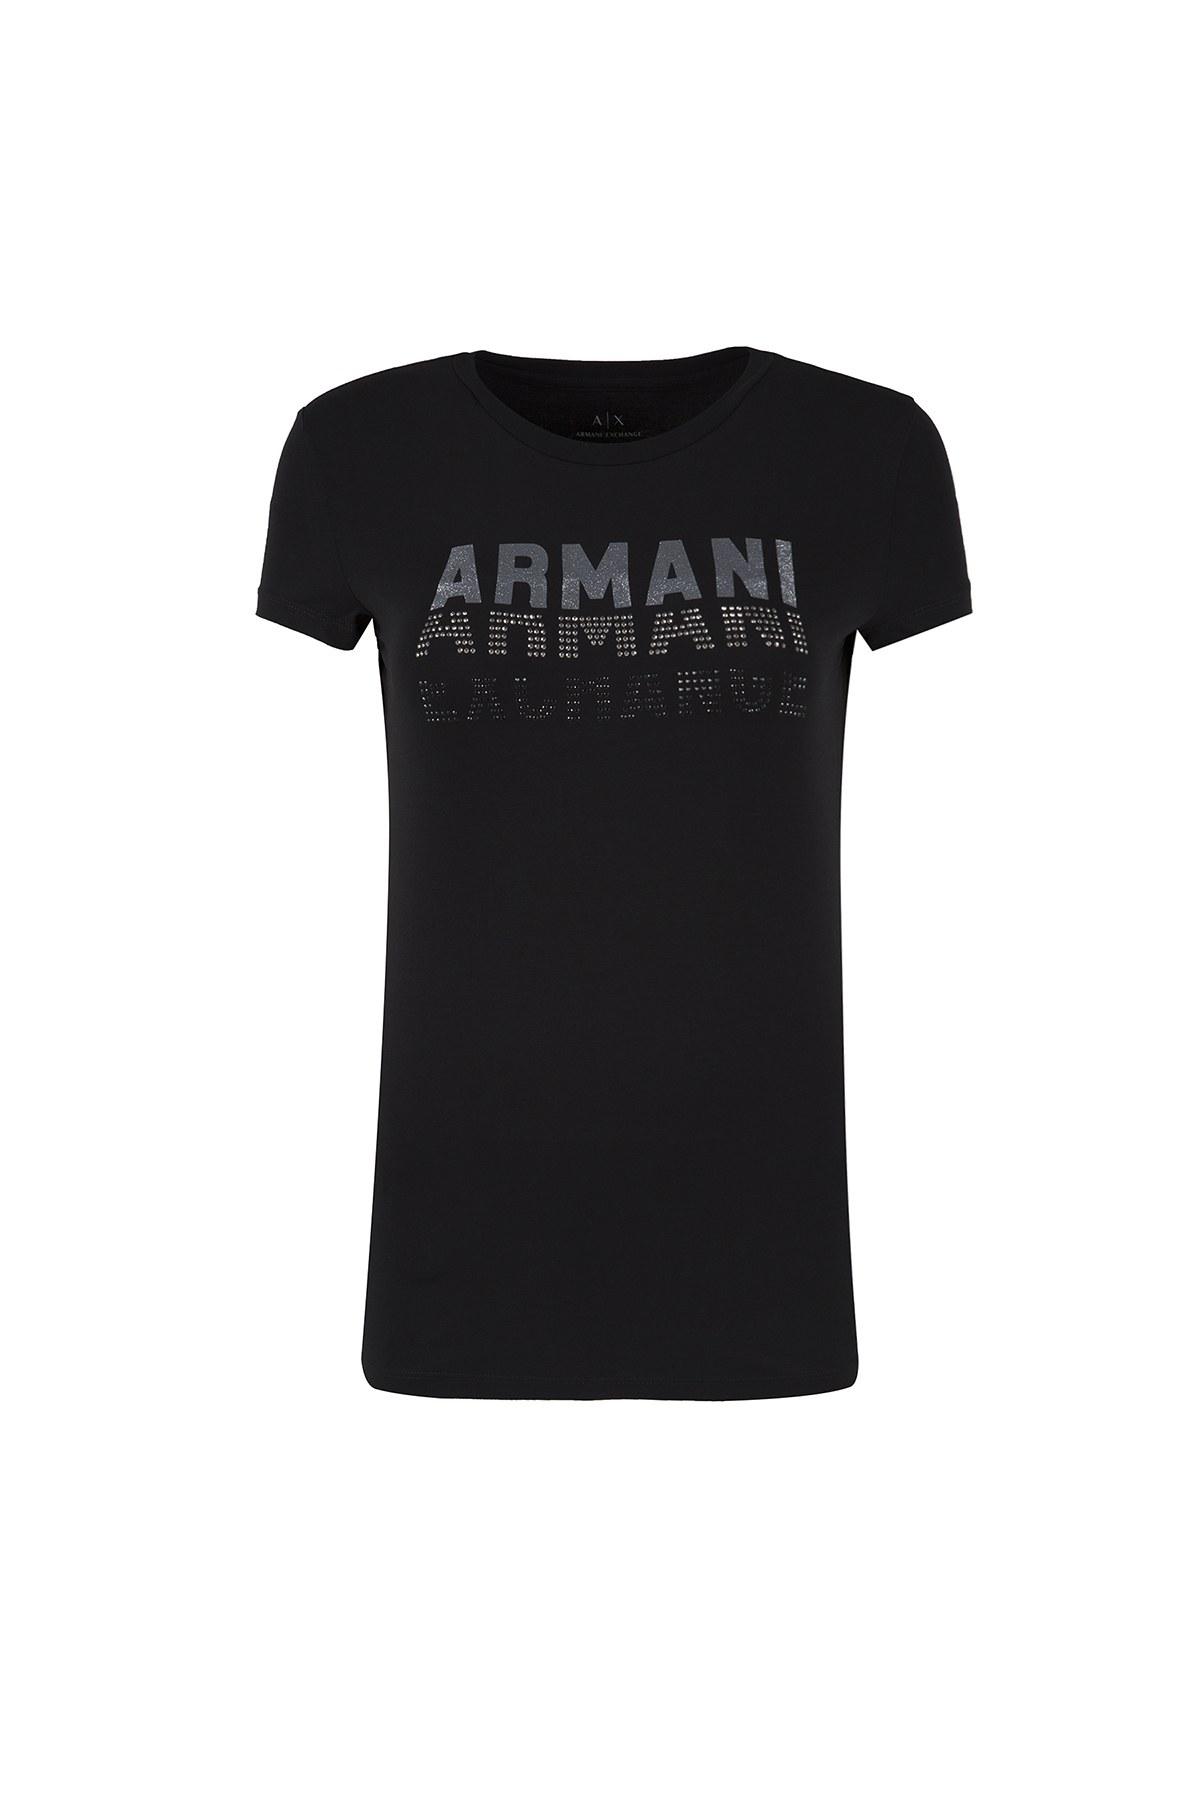 ARMANI EXCHANGE T SHIRT Bayan T Shirt 6ZYTCM YJC7Z 1200 SİYAH